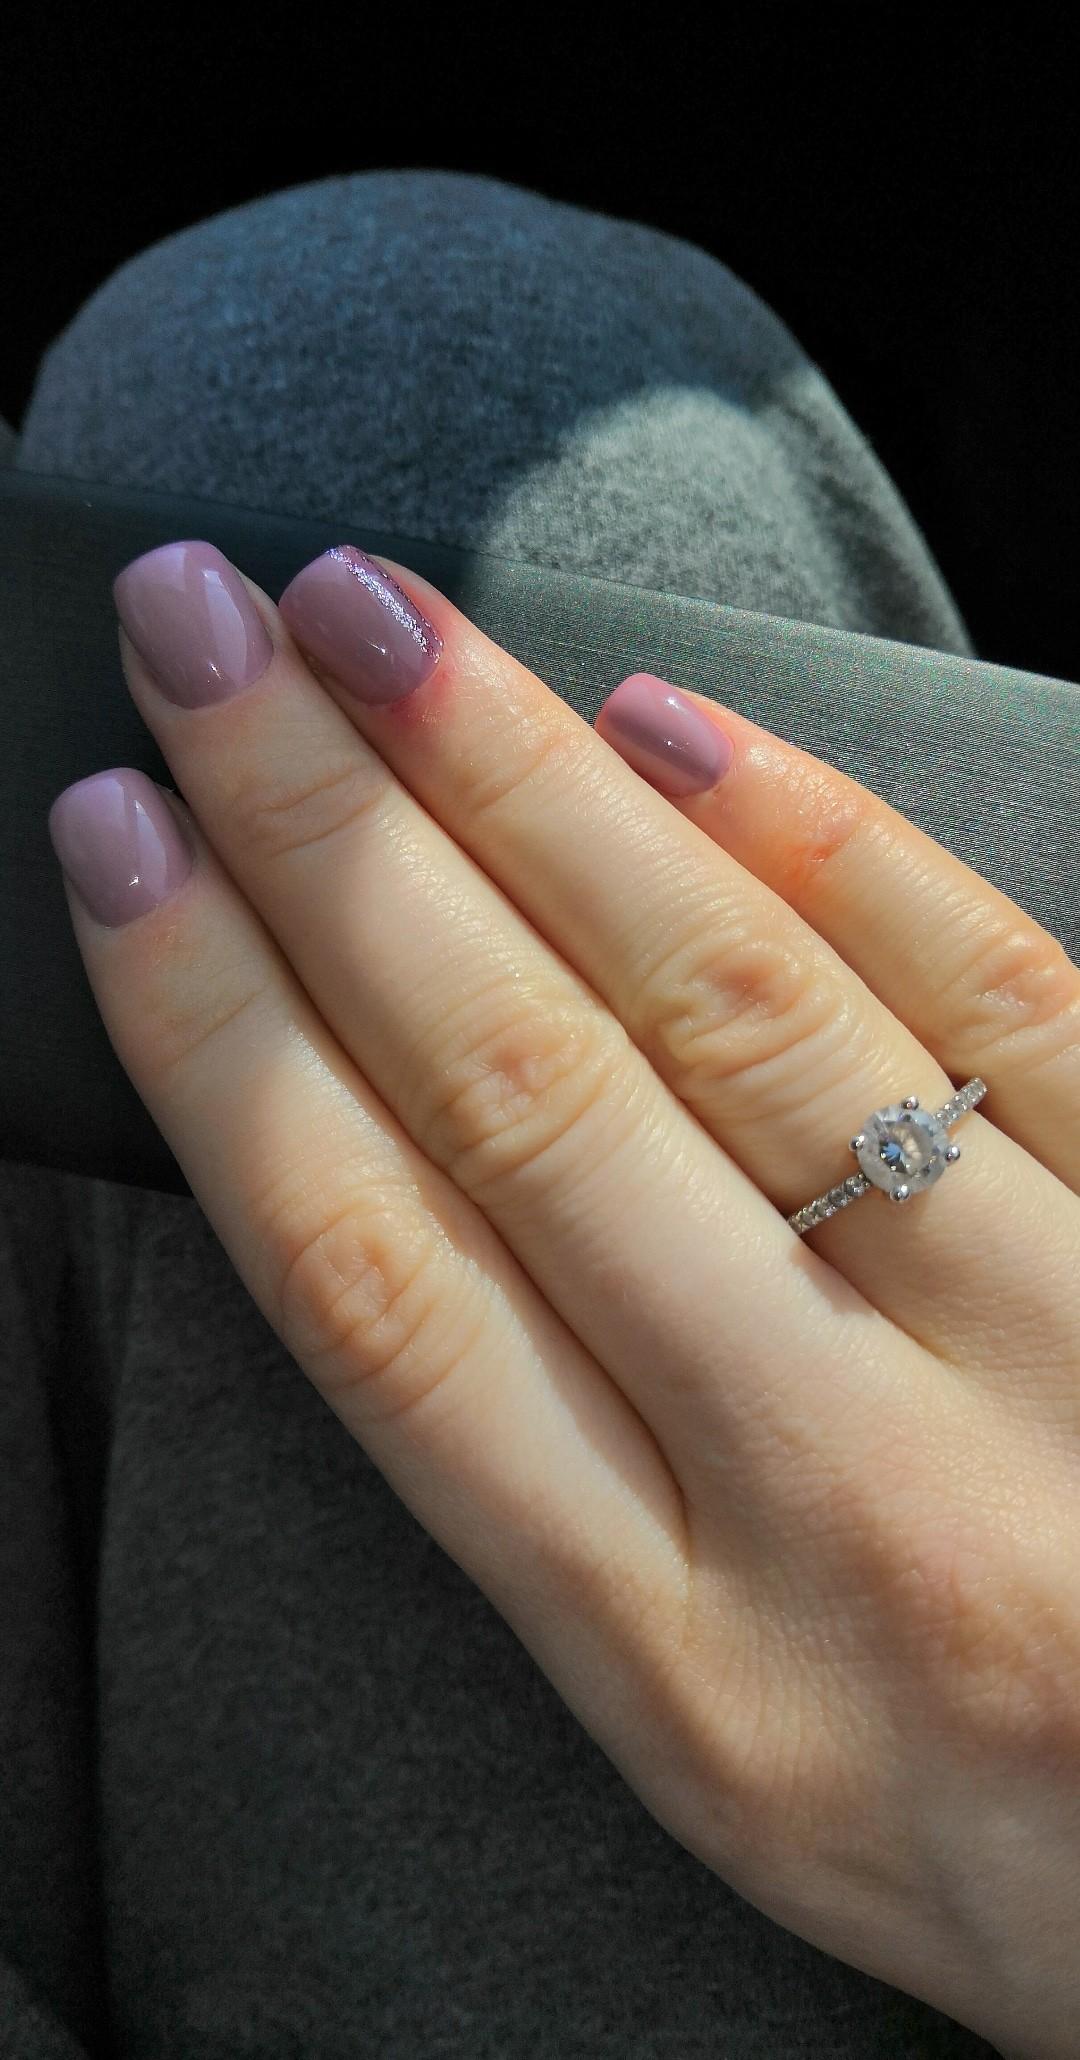 Очень красивое серебряное кольцо с большим фианитом и маленькими фианитами!